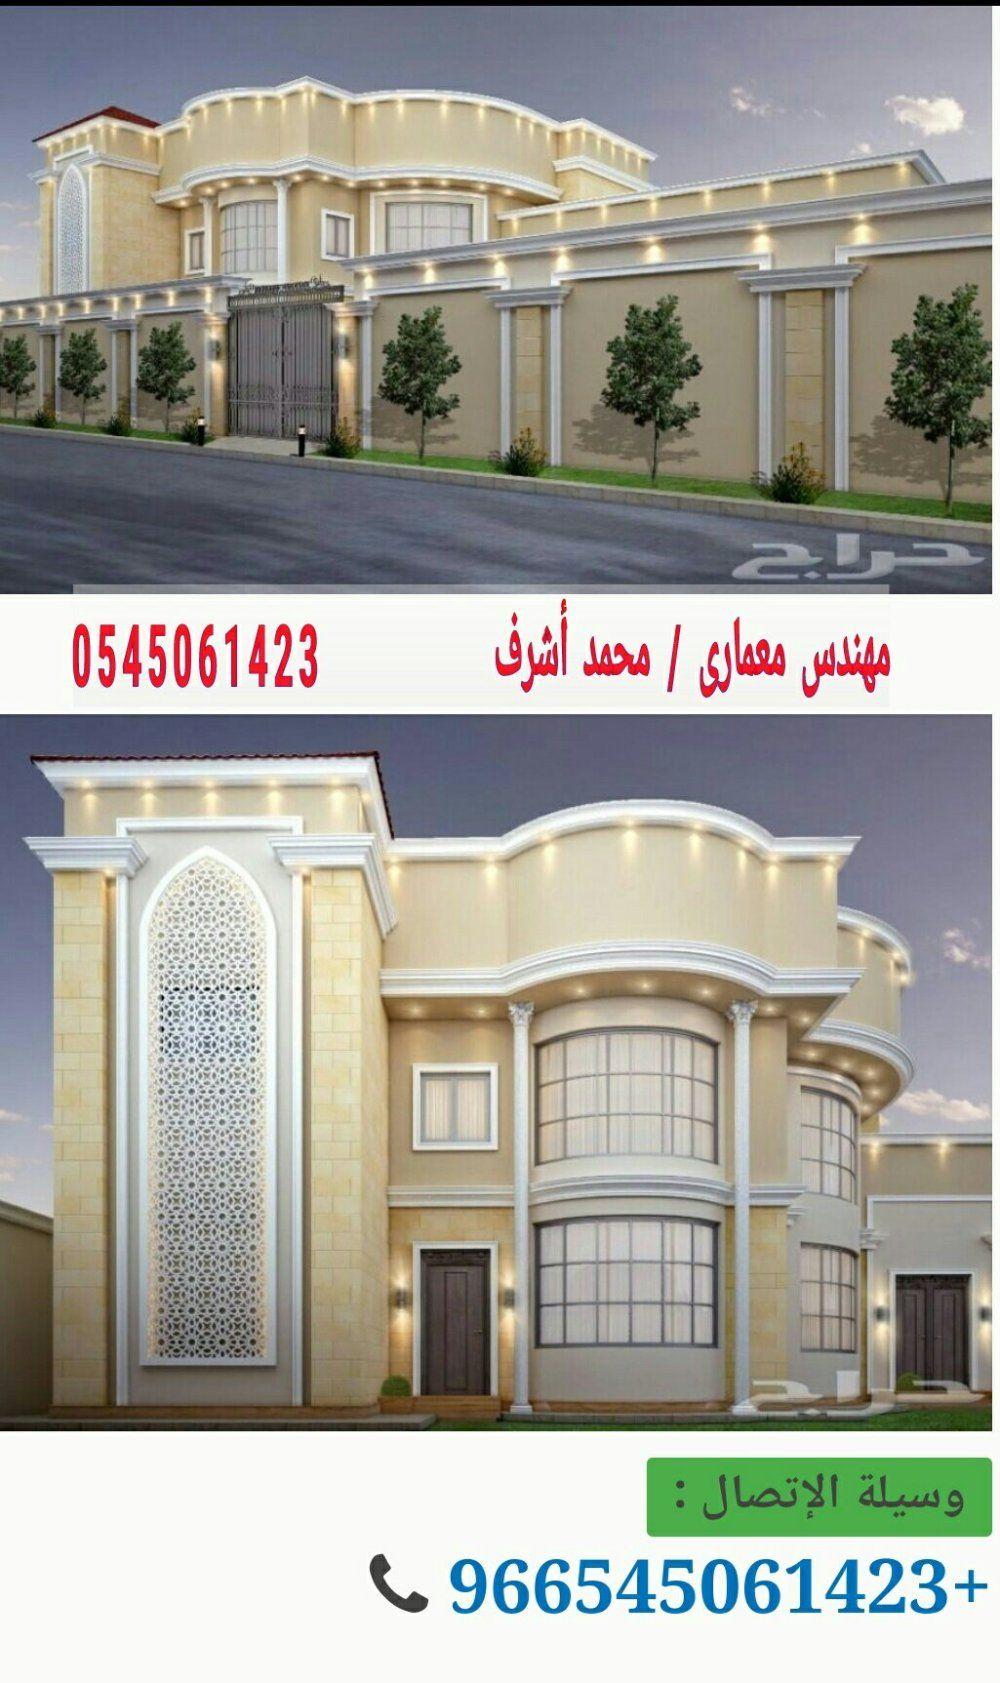 مهندس معماري في الرياض 0545061423 مهندس تصاميم قصور في الرياض احدث تصاميم ثلاثيه الابعاد مصمم لواجهات الفلل في الرياض مهندس تصميم ديكورات بالرياض اشكال تصامي Modern House Facades House Architecture Styles